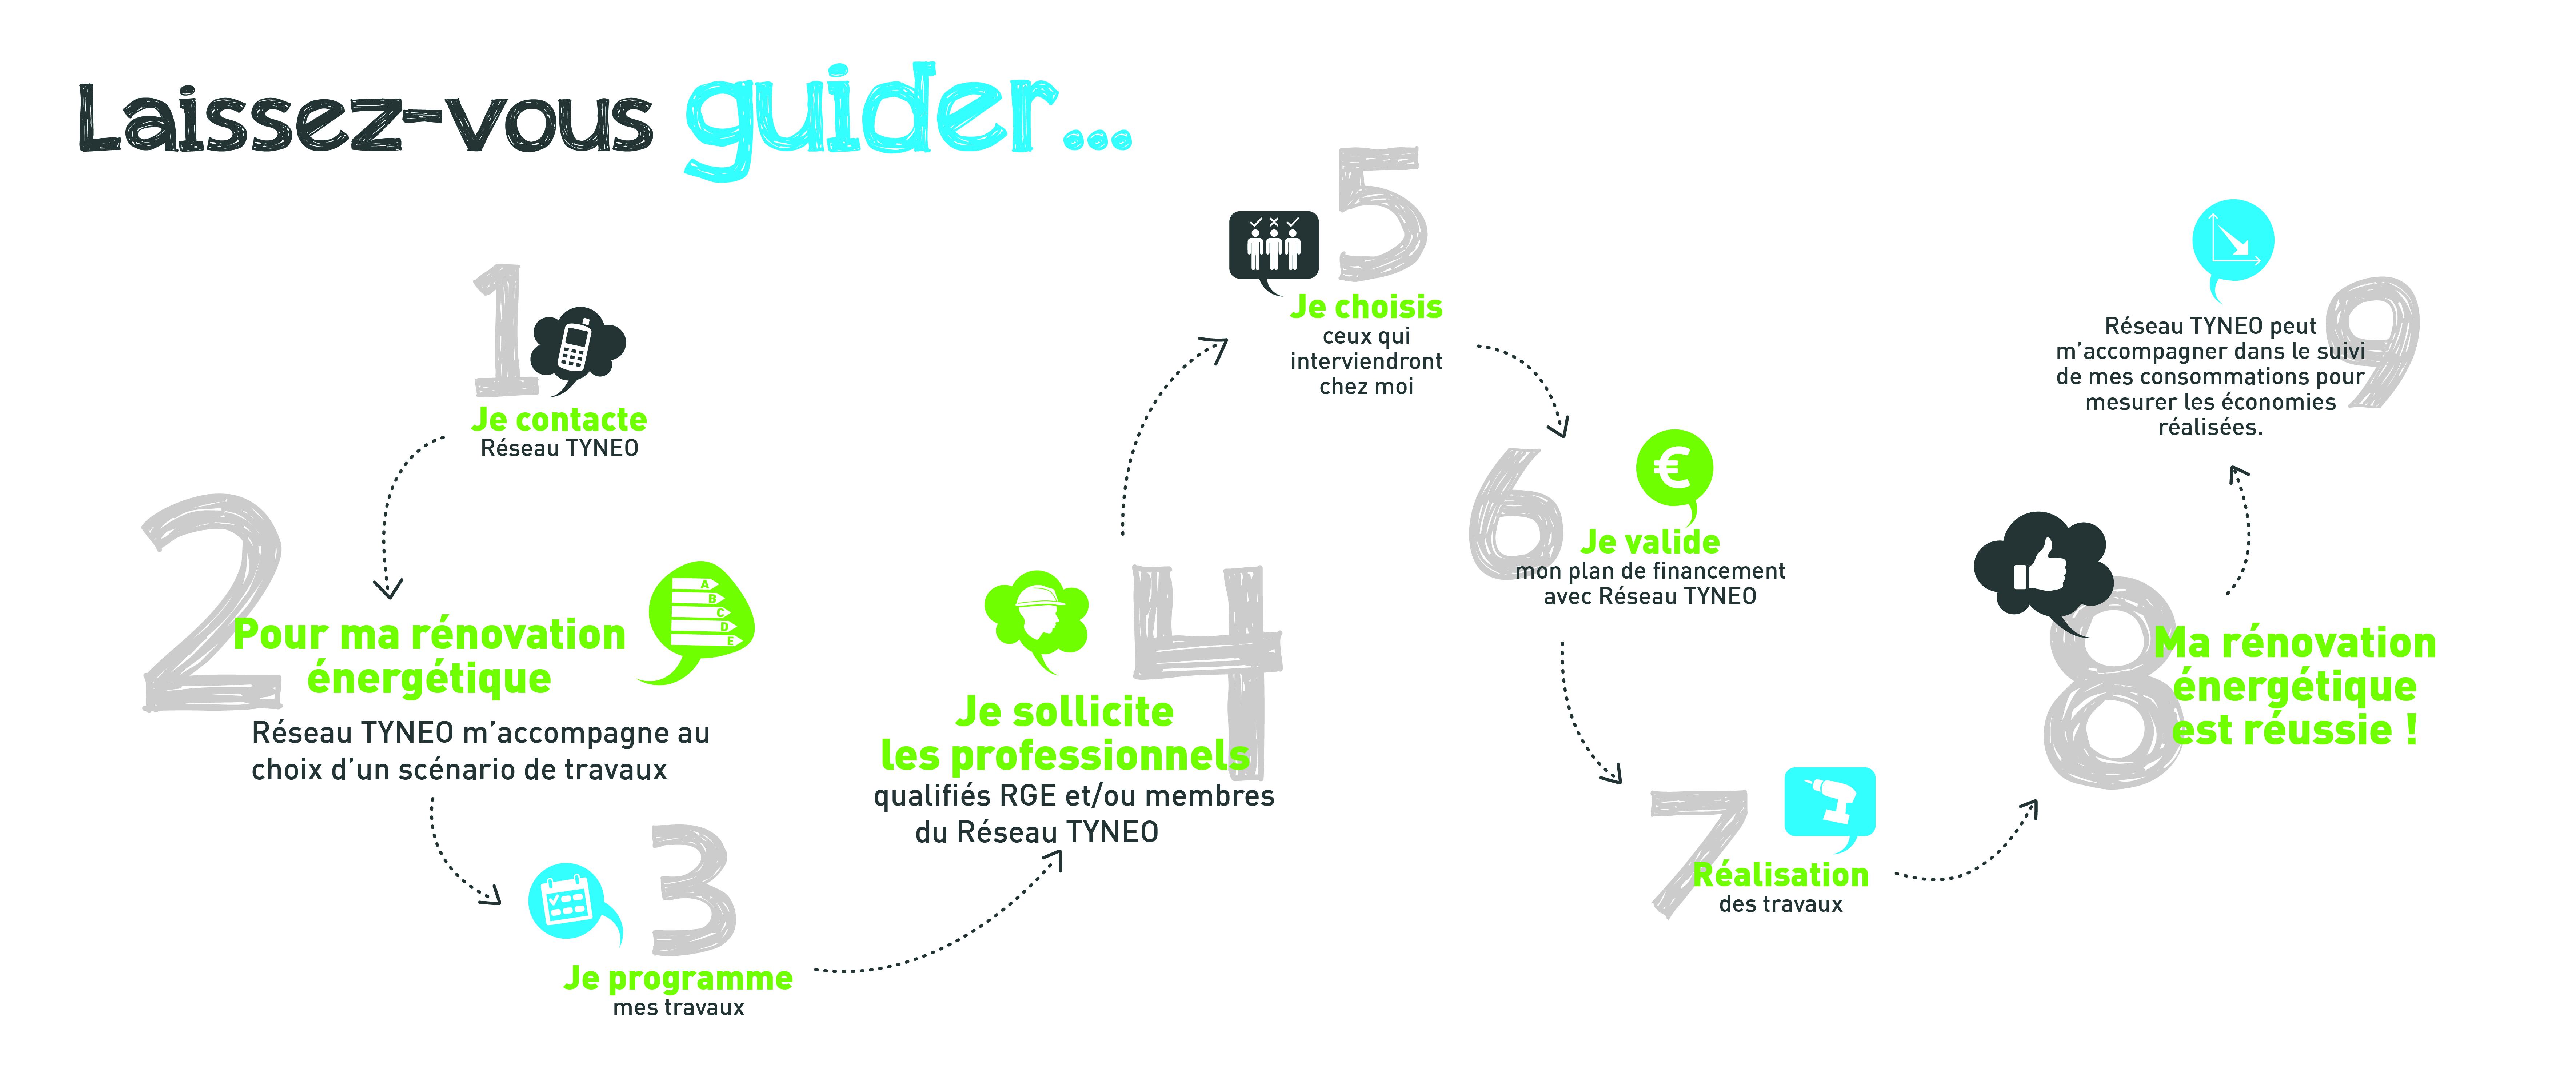 Q16002-Parcours-Site-web_V1-e1520259617952